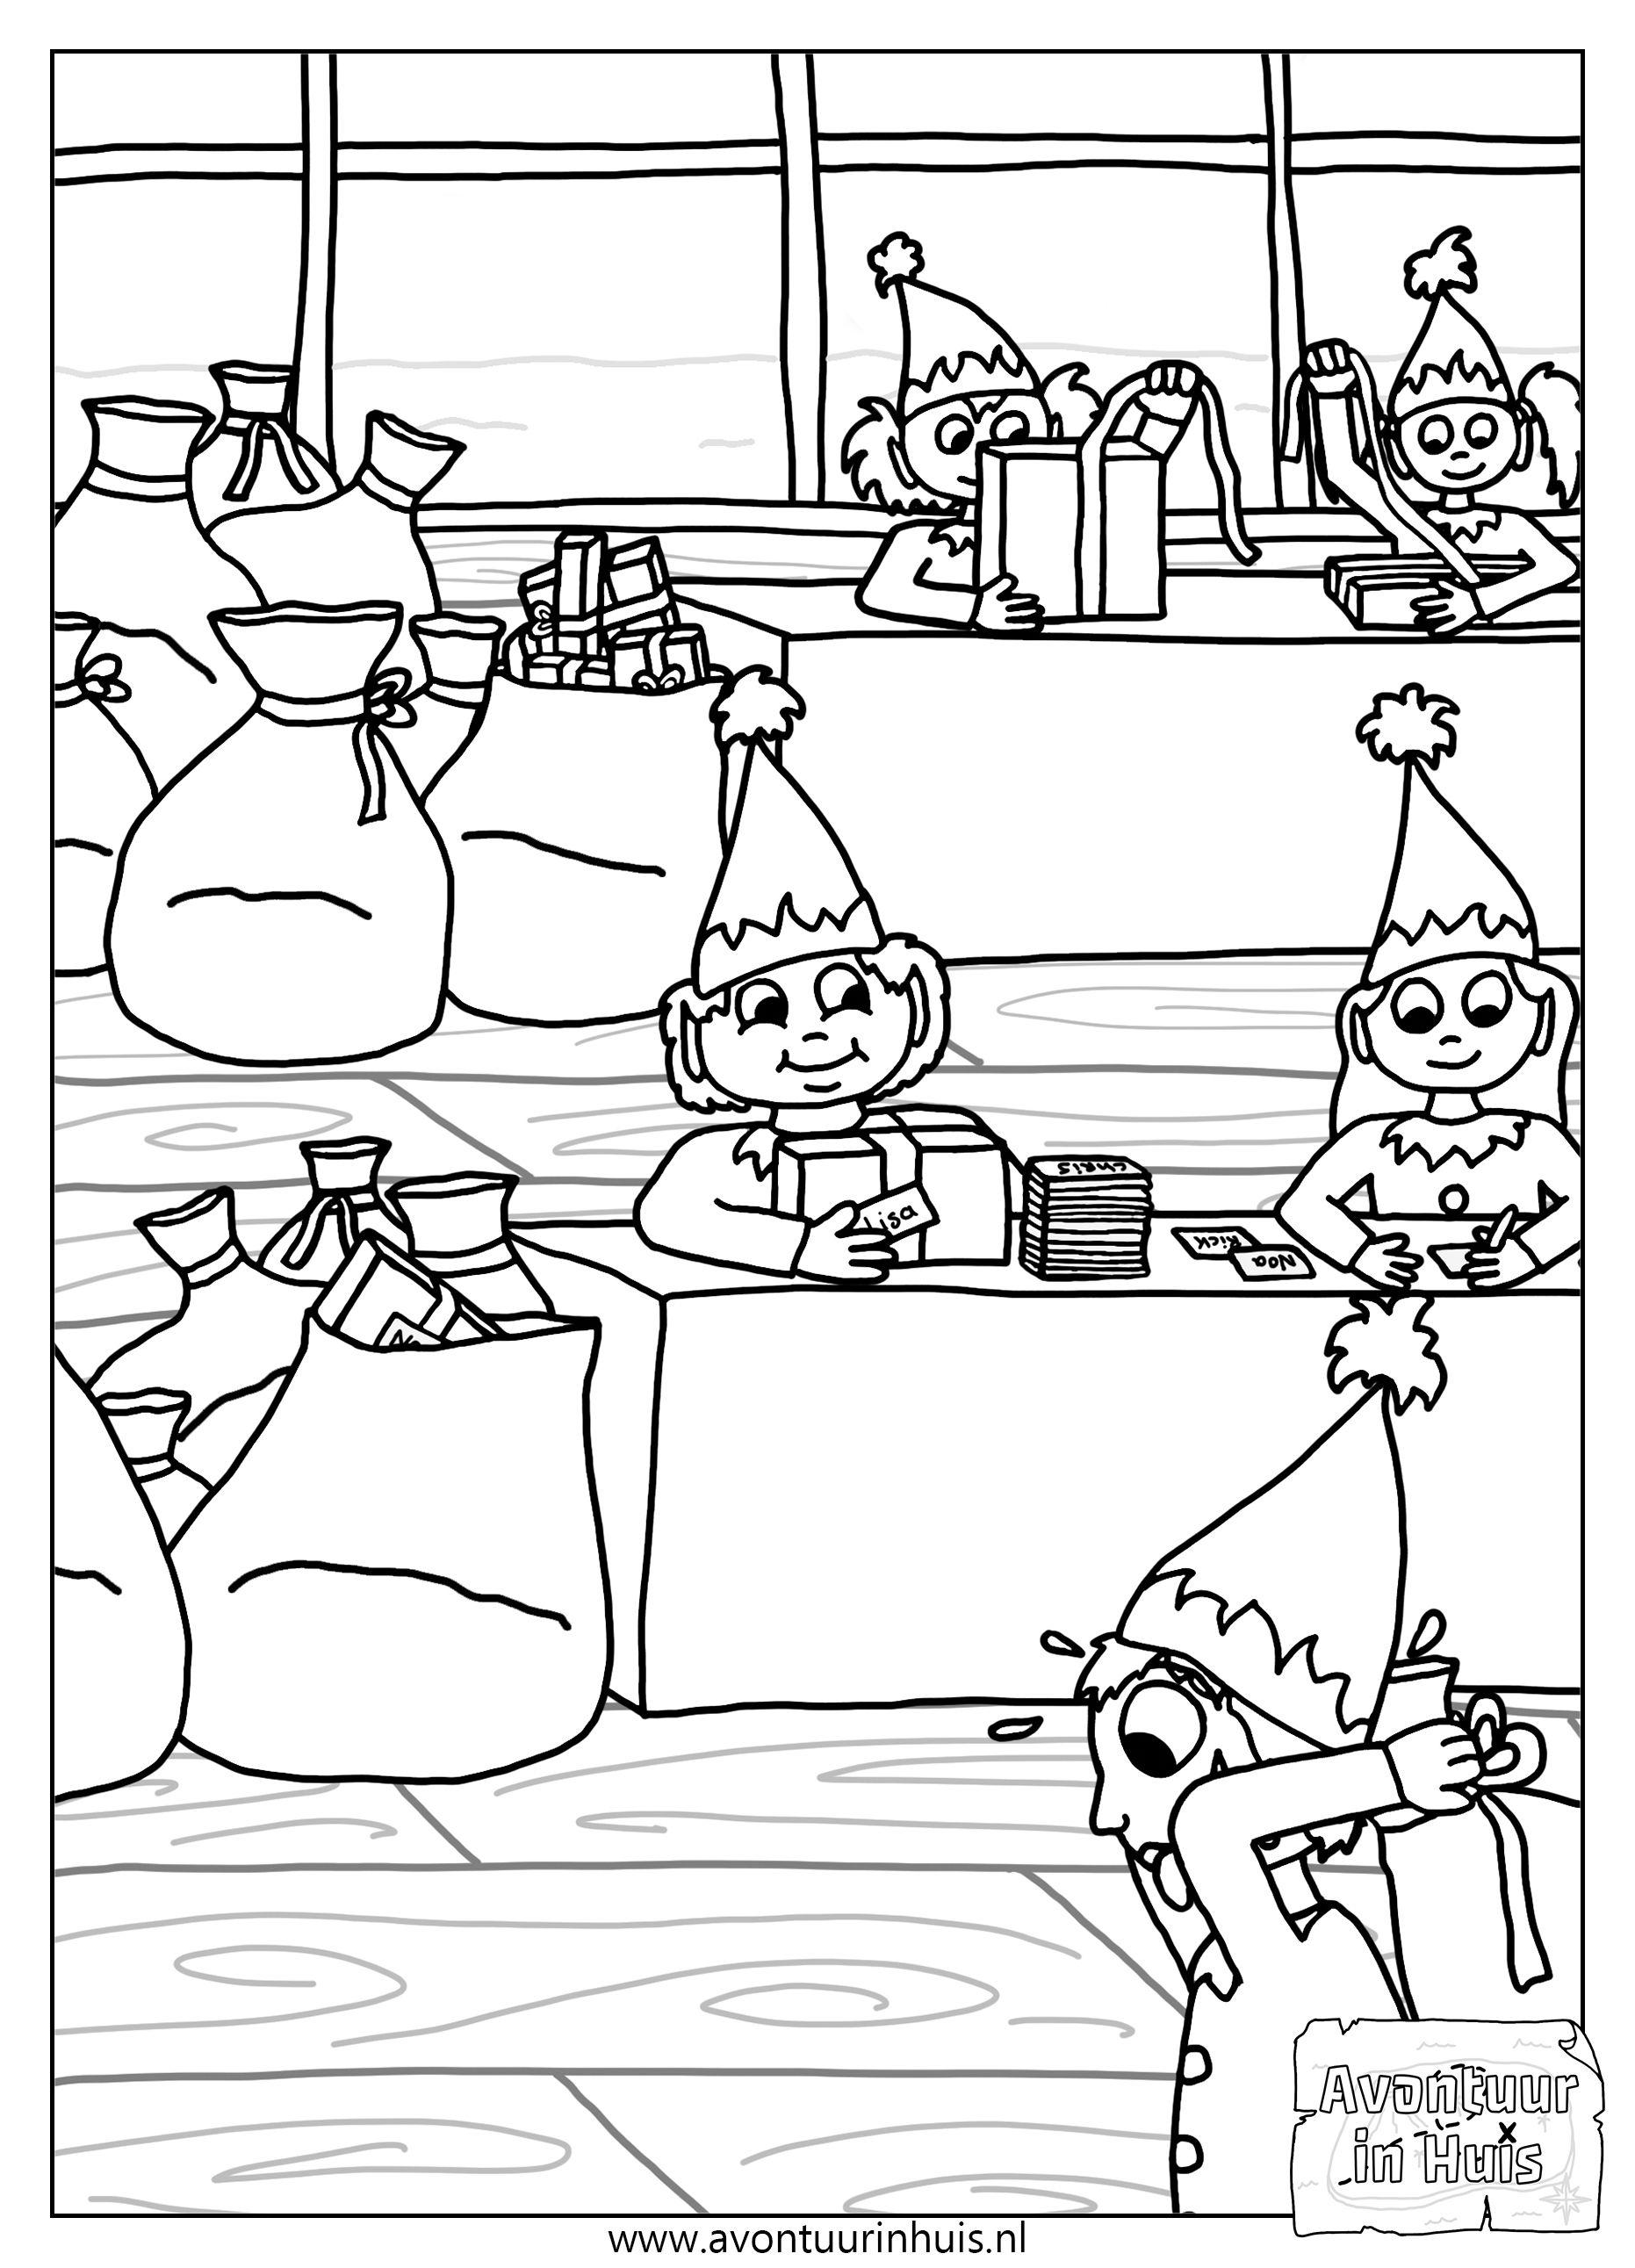 Cadeaufabriek Kerstmis Kleurplaat Kleurplaten Voor Kinderen Kleurplaten Gratis Kleurplaten